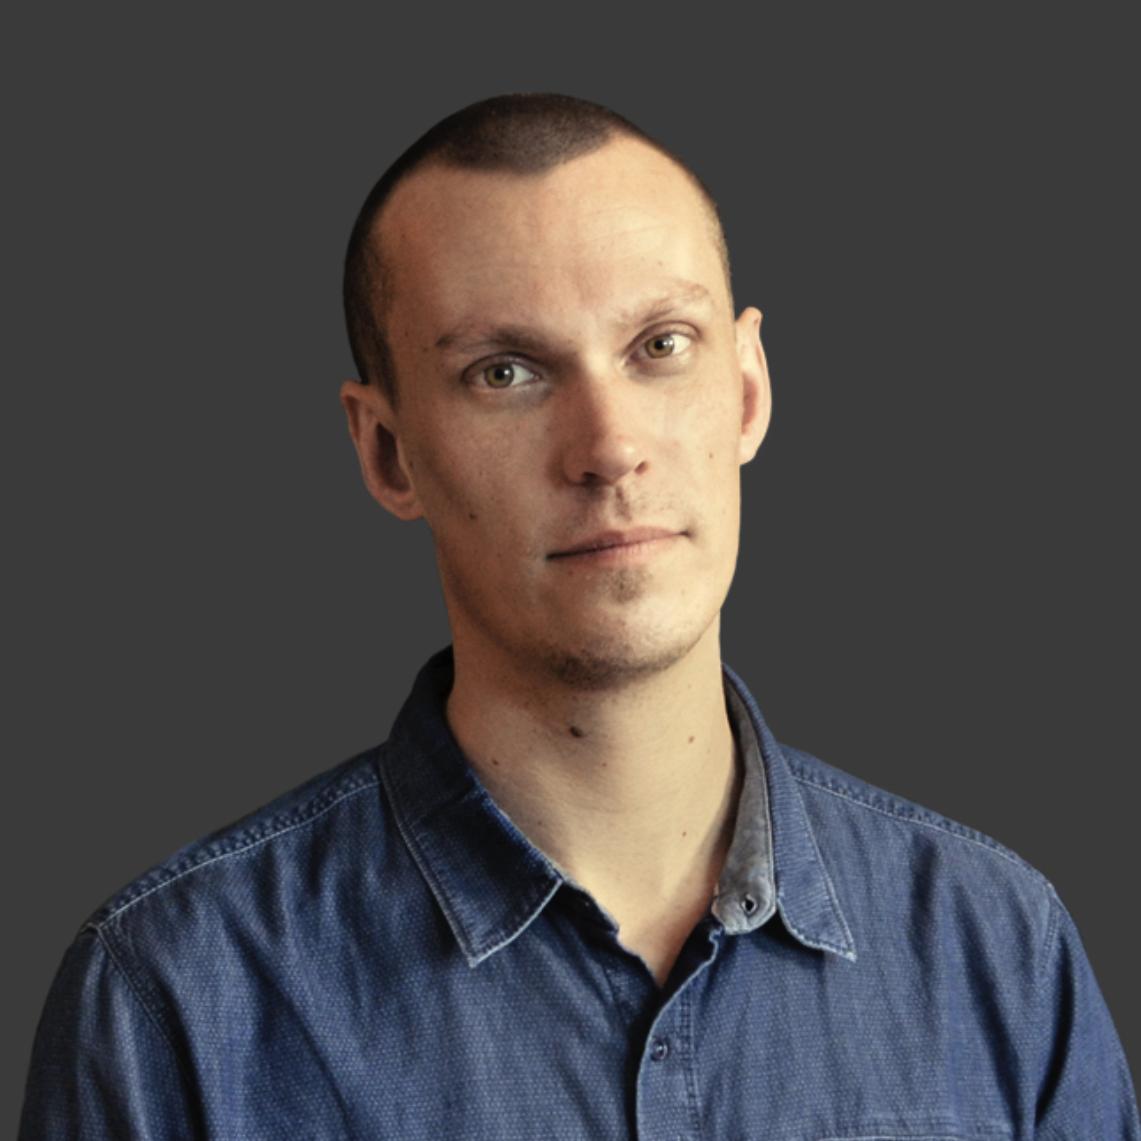 Jonas Lau Markussen